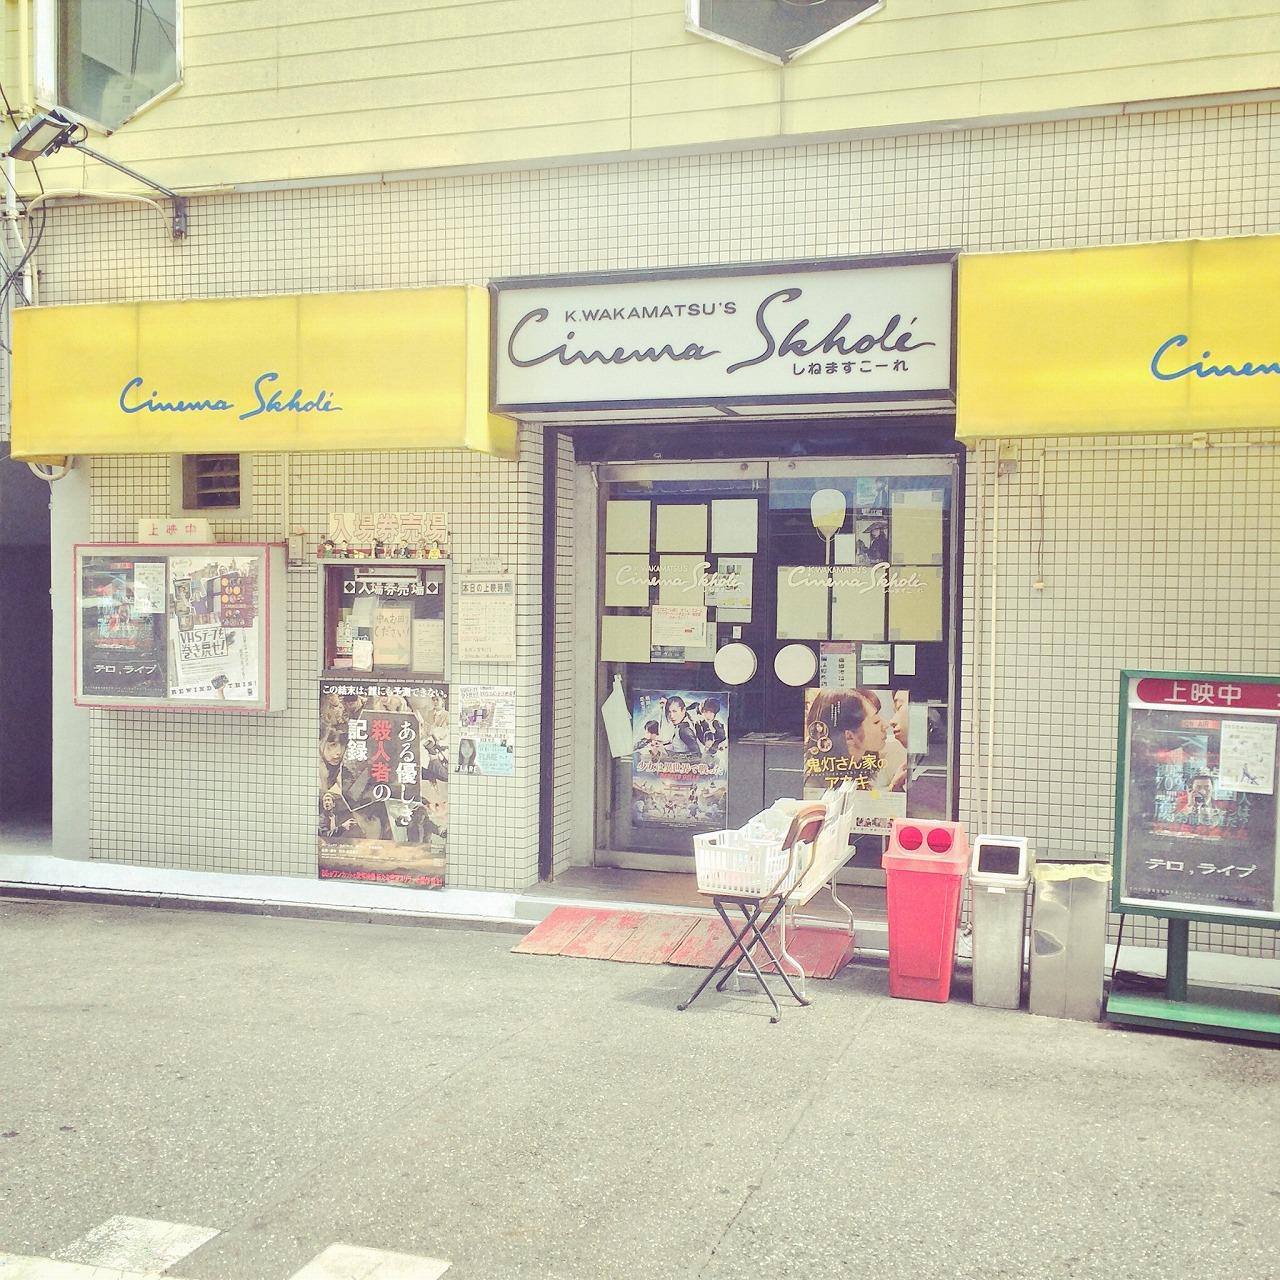 小さな映画館。(シネマスコーレ)